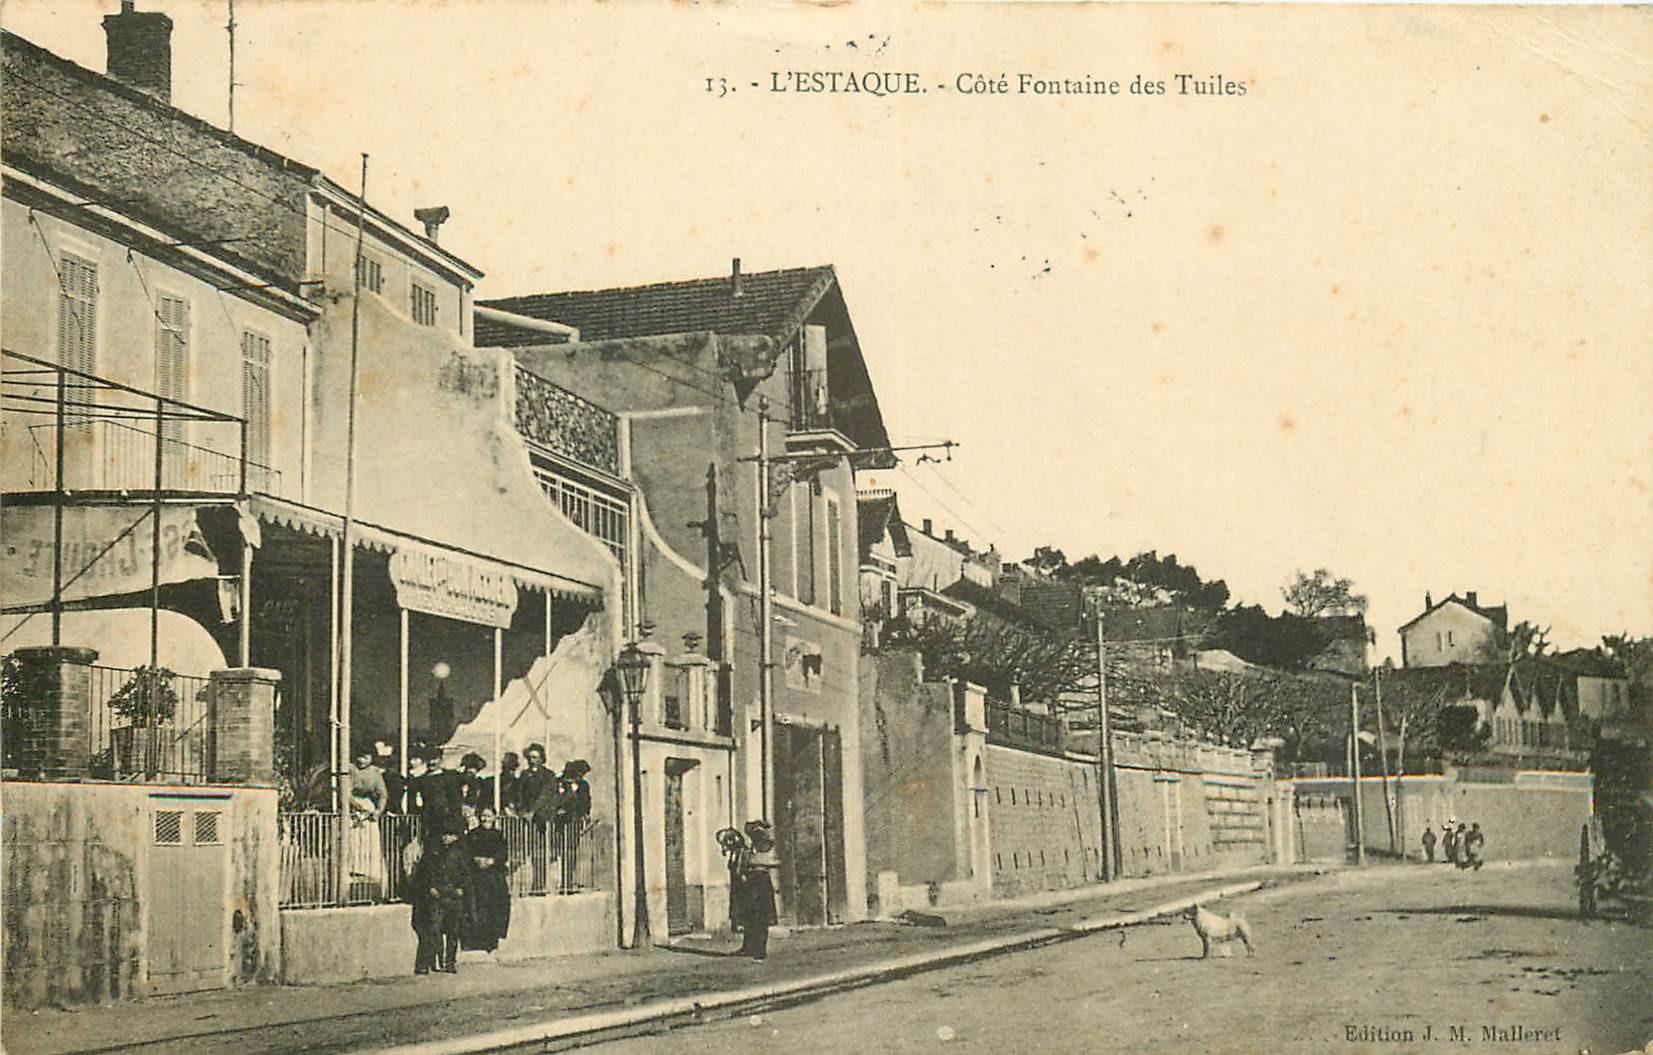 WW 13 L'ESTAQUE. Café Restaurant Chalet côté Fontaine des Tuiles 1911